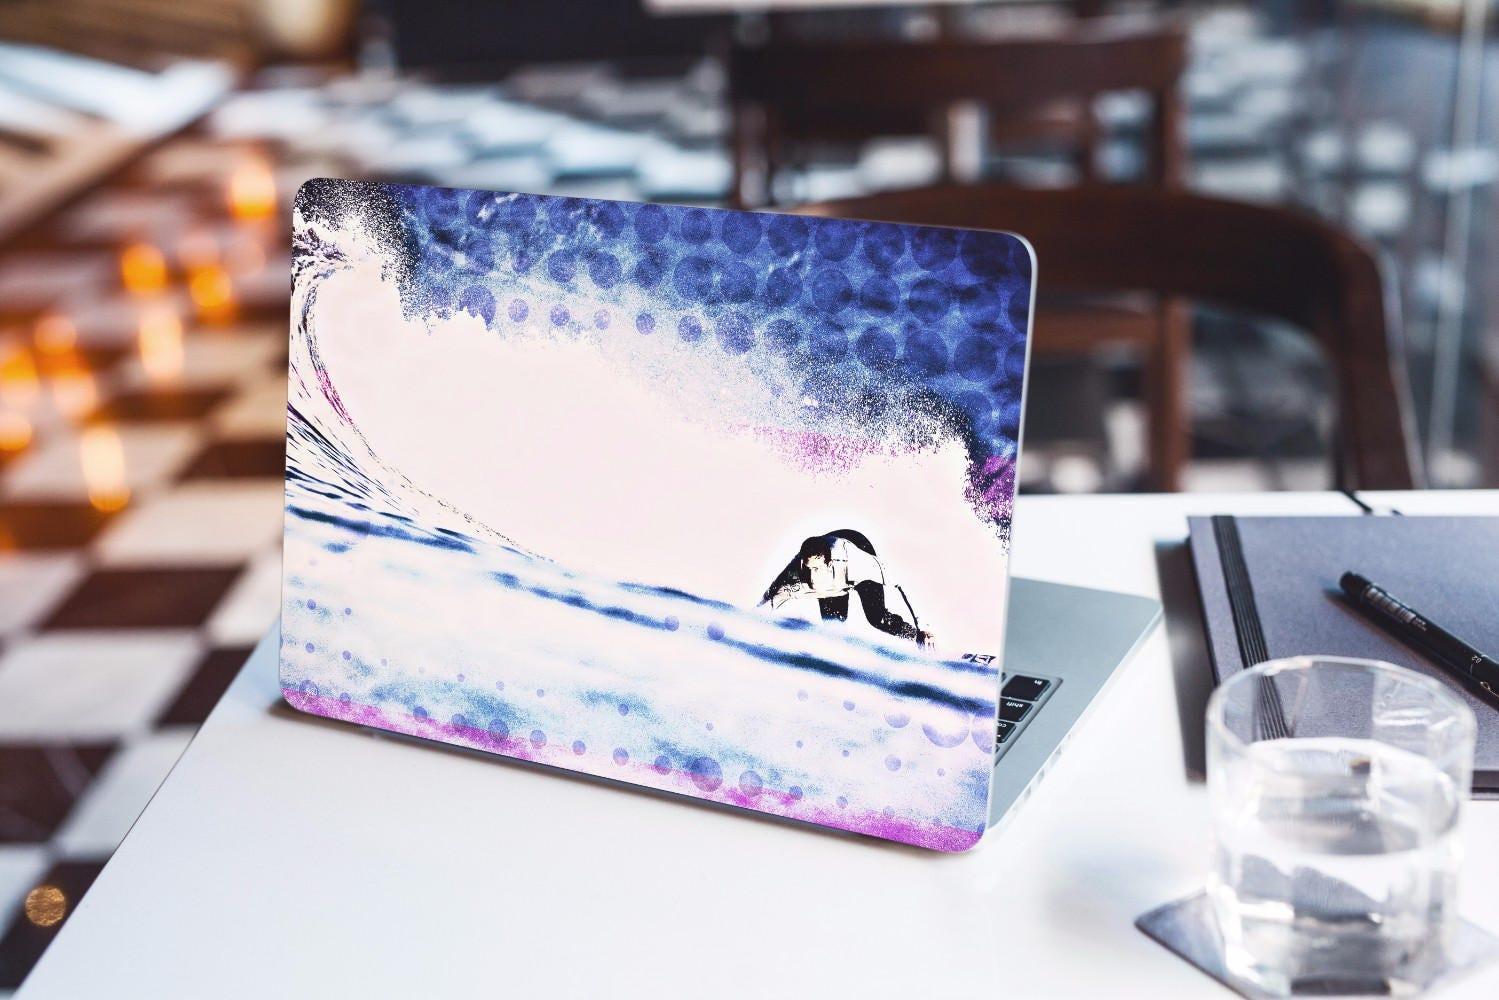 Mac Skin Cool Laptop Skin Laptop Skin For Hp Laptop Skin Etsy